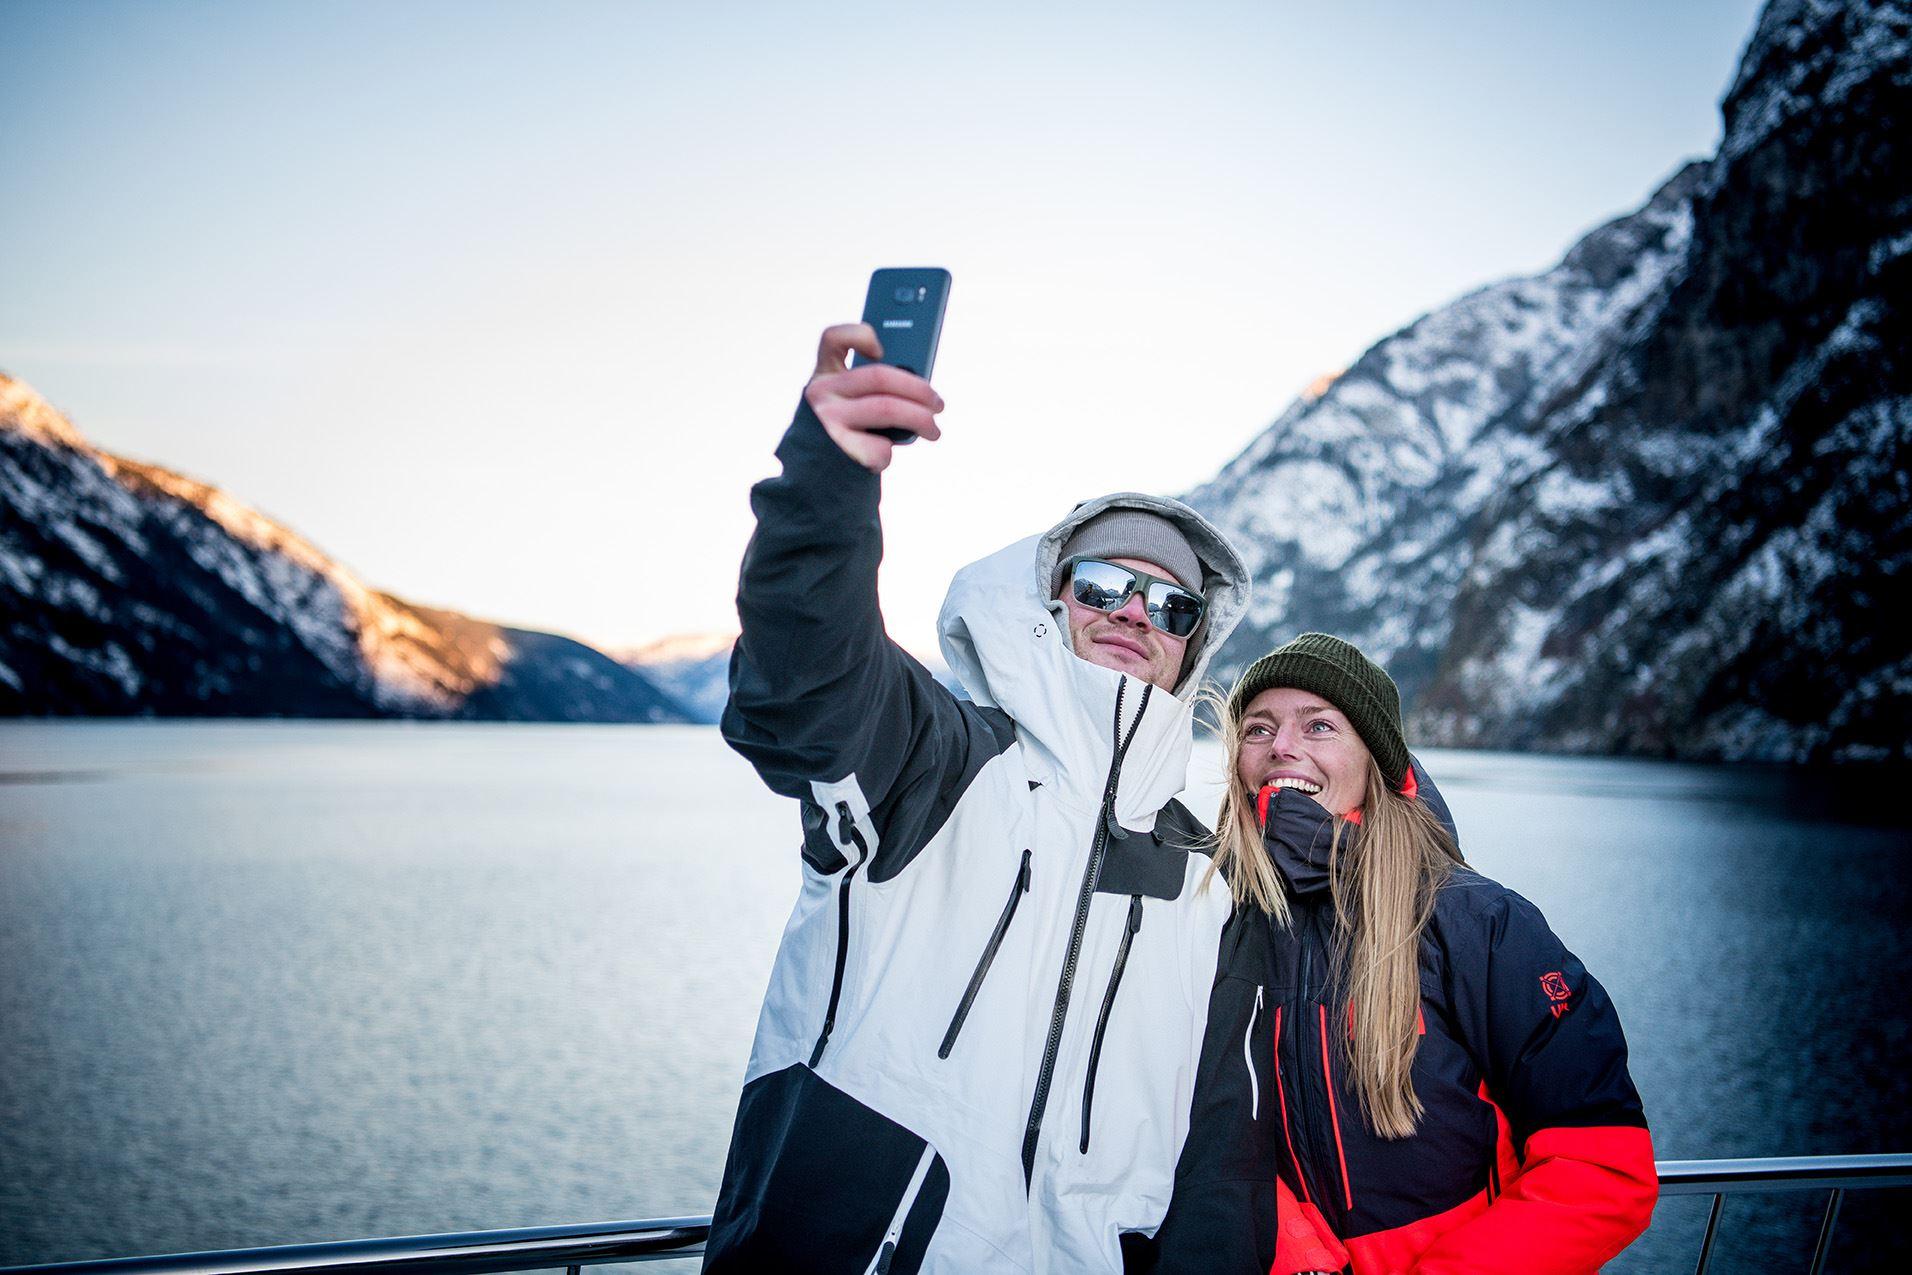 Sverre Hjørnevik - 18, Winter experience in Fjord Norway